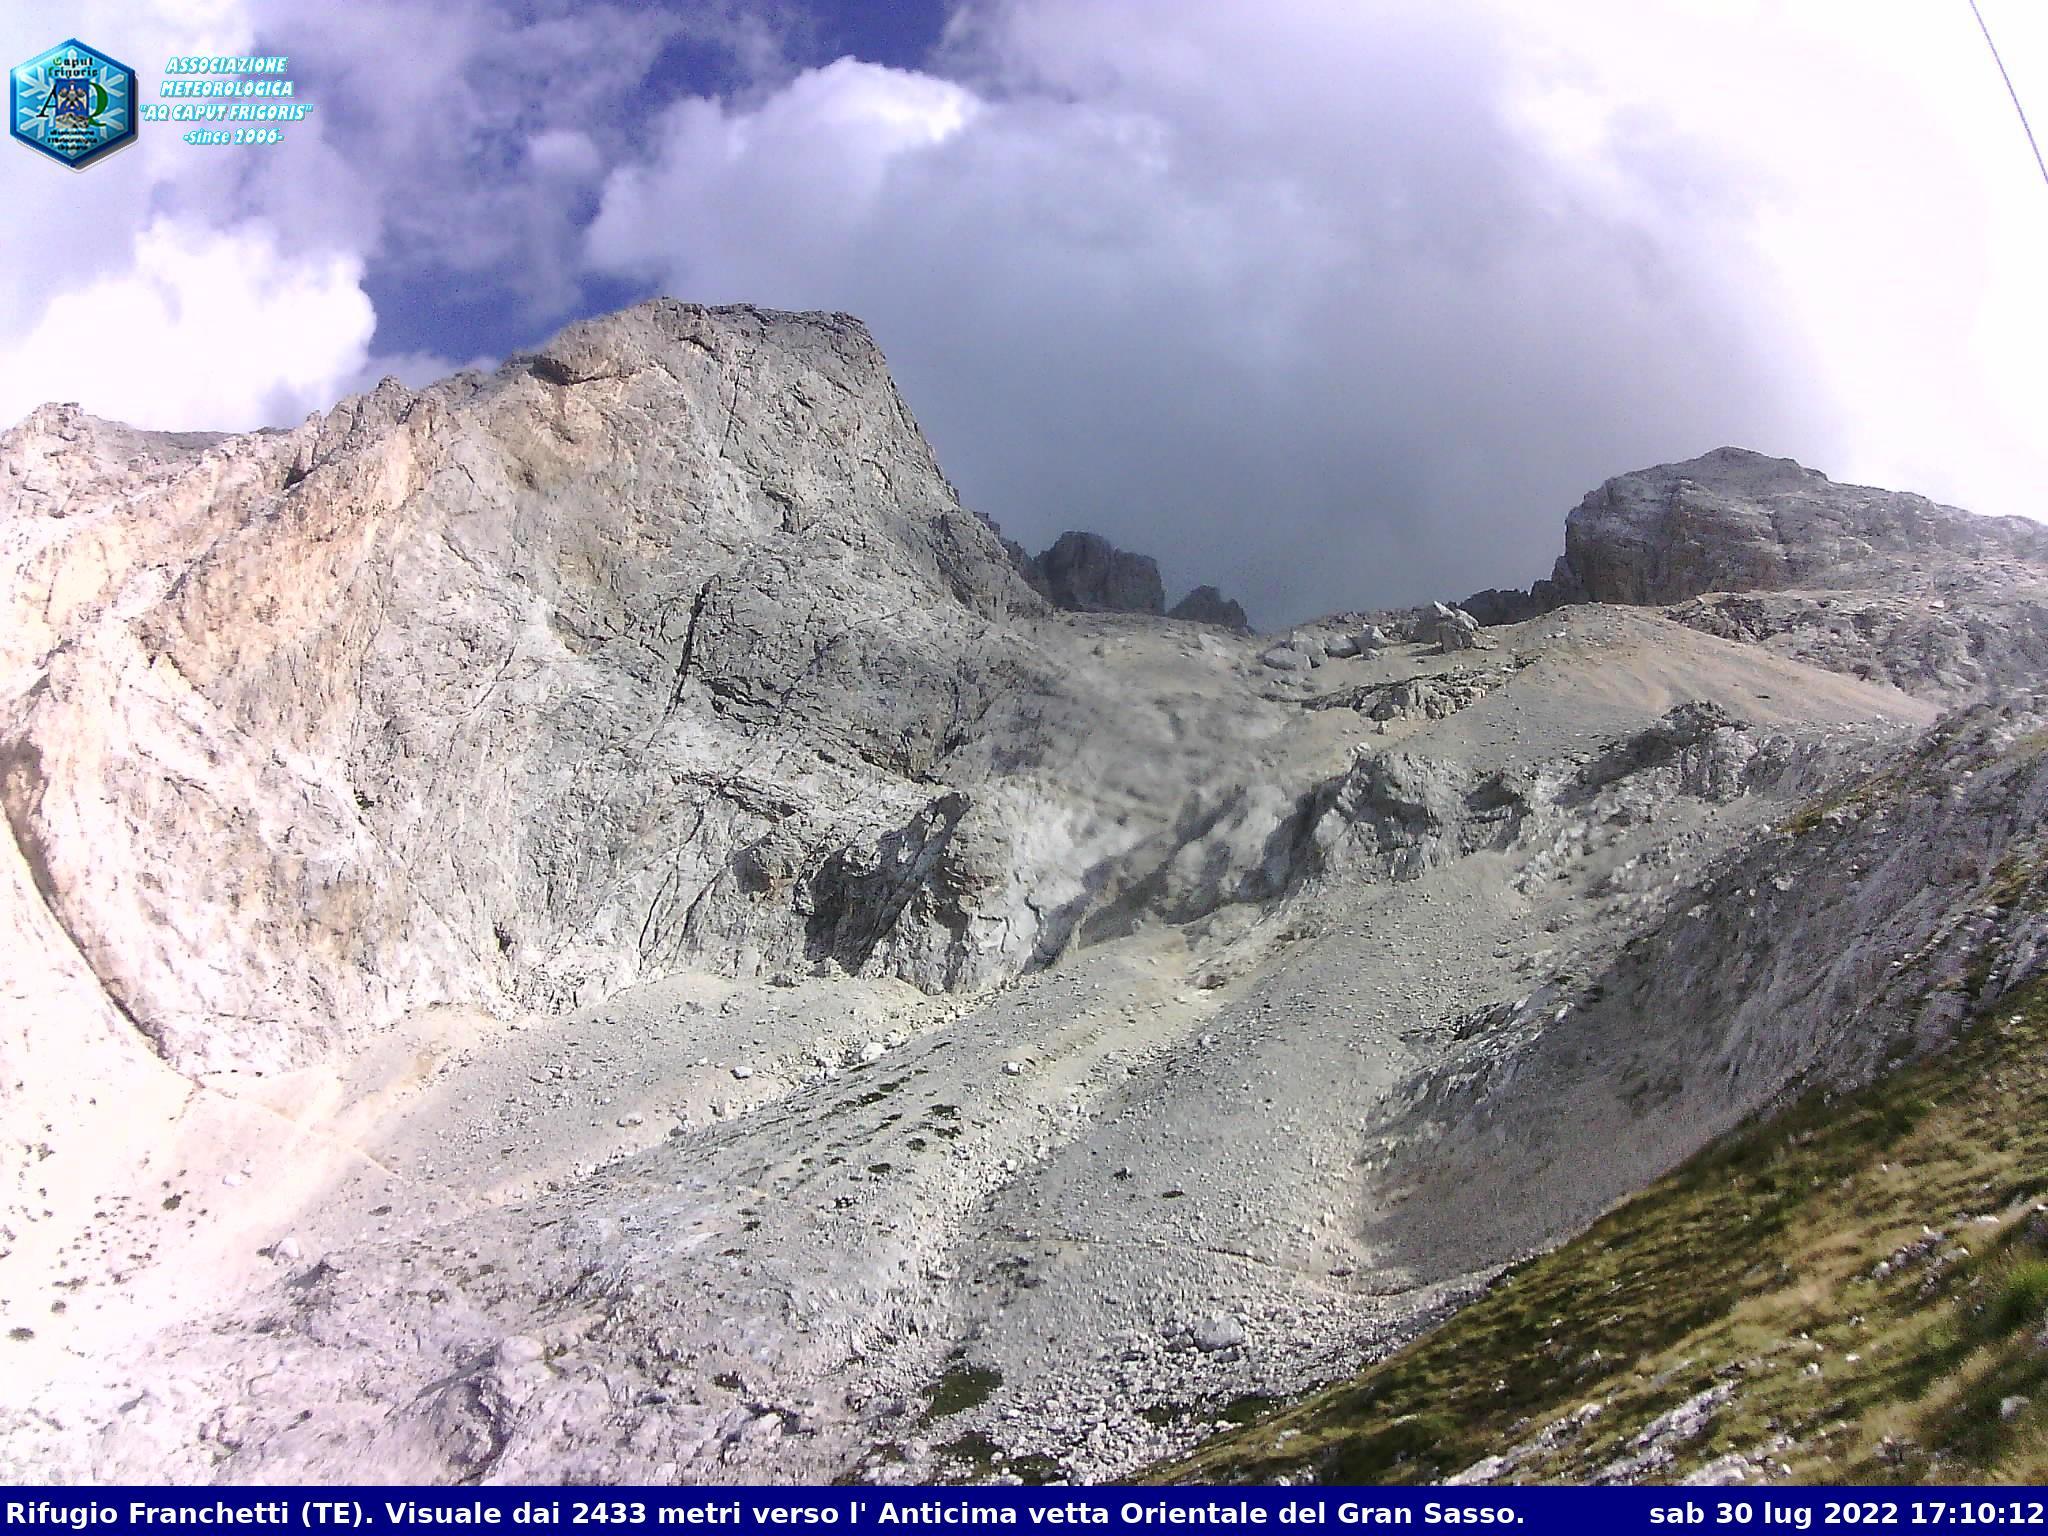 Webcam al Rifugio Franchetti